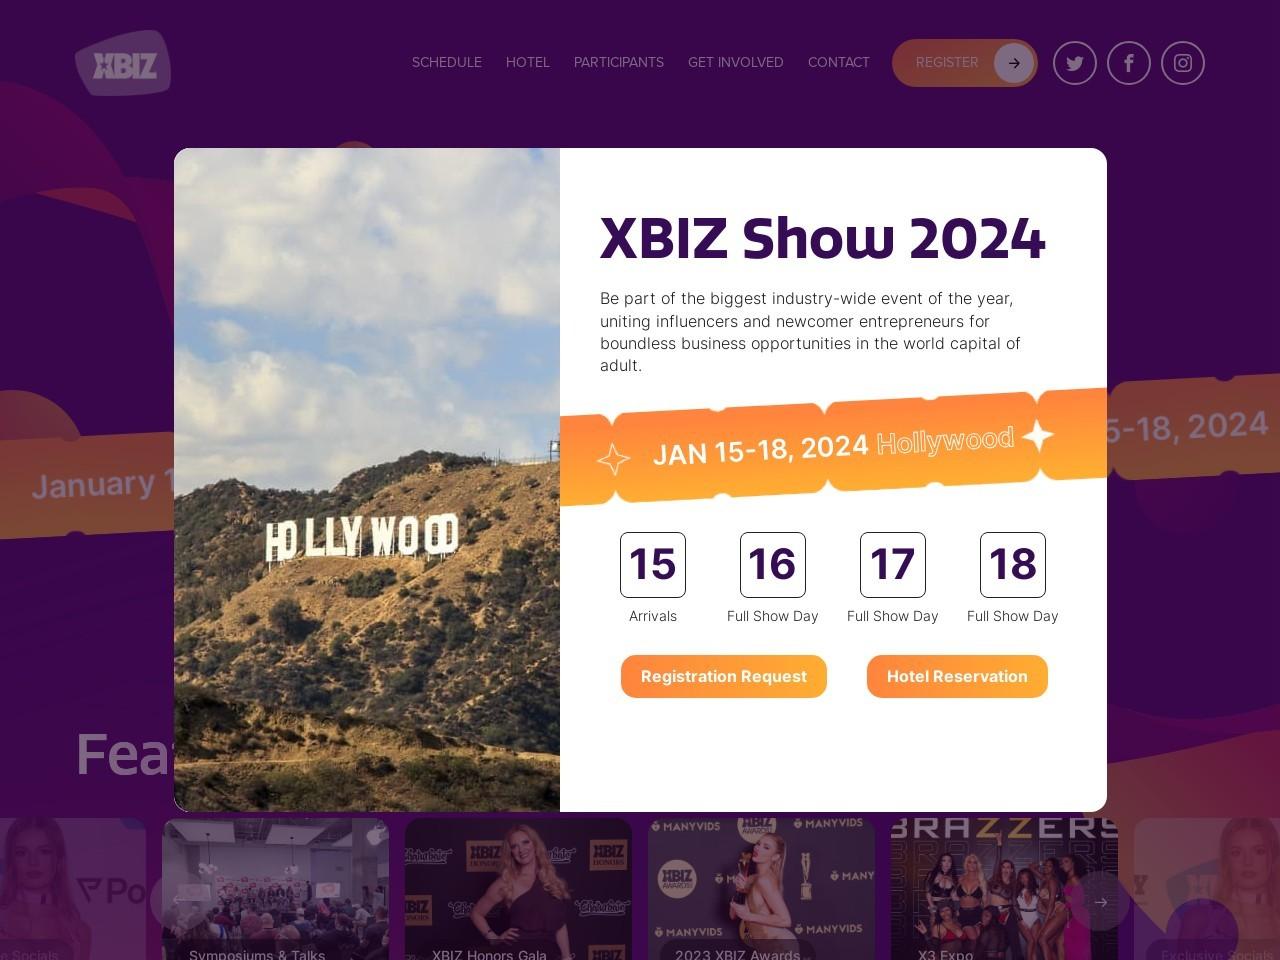 XBIZ Show 2020